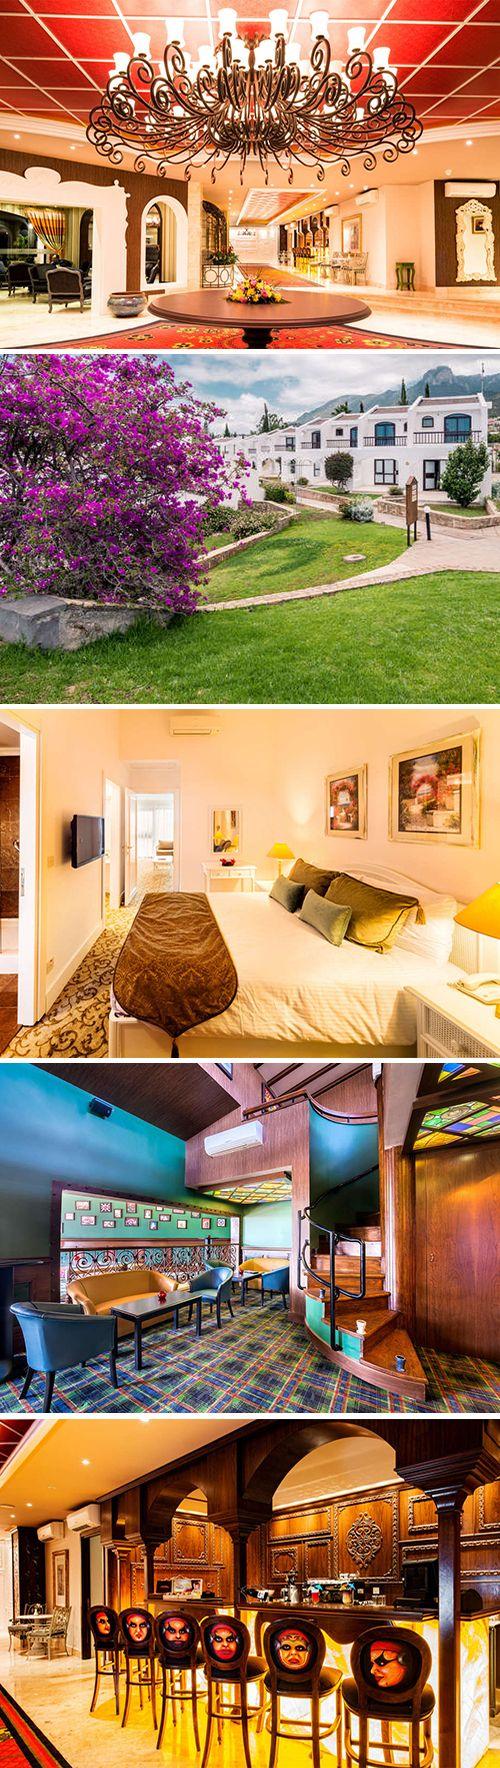 The olive tree hotel is een viersterren hotel gelegen in het noorden van cyprus dankzij de vele faciliteiten